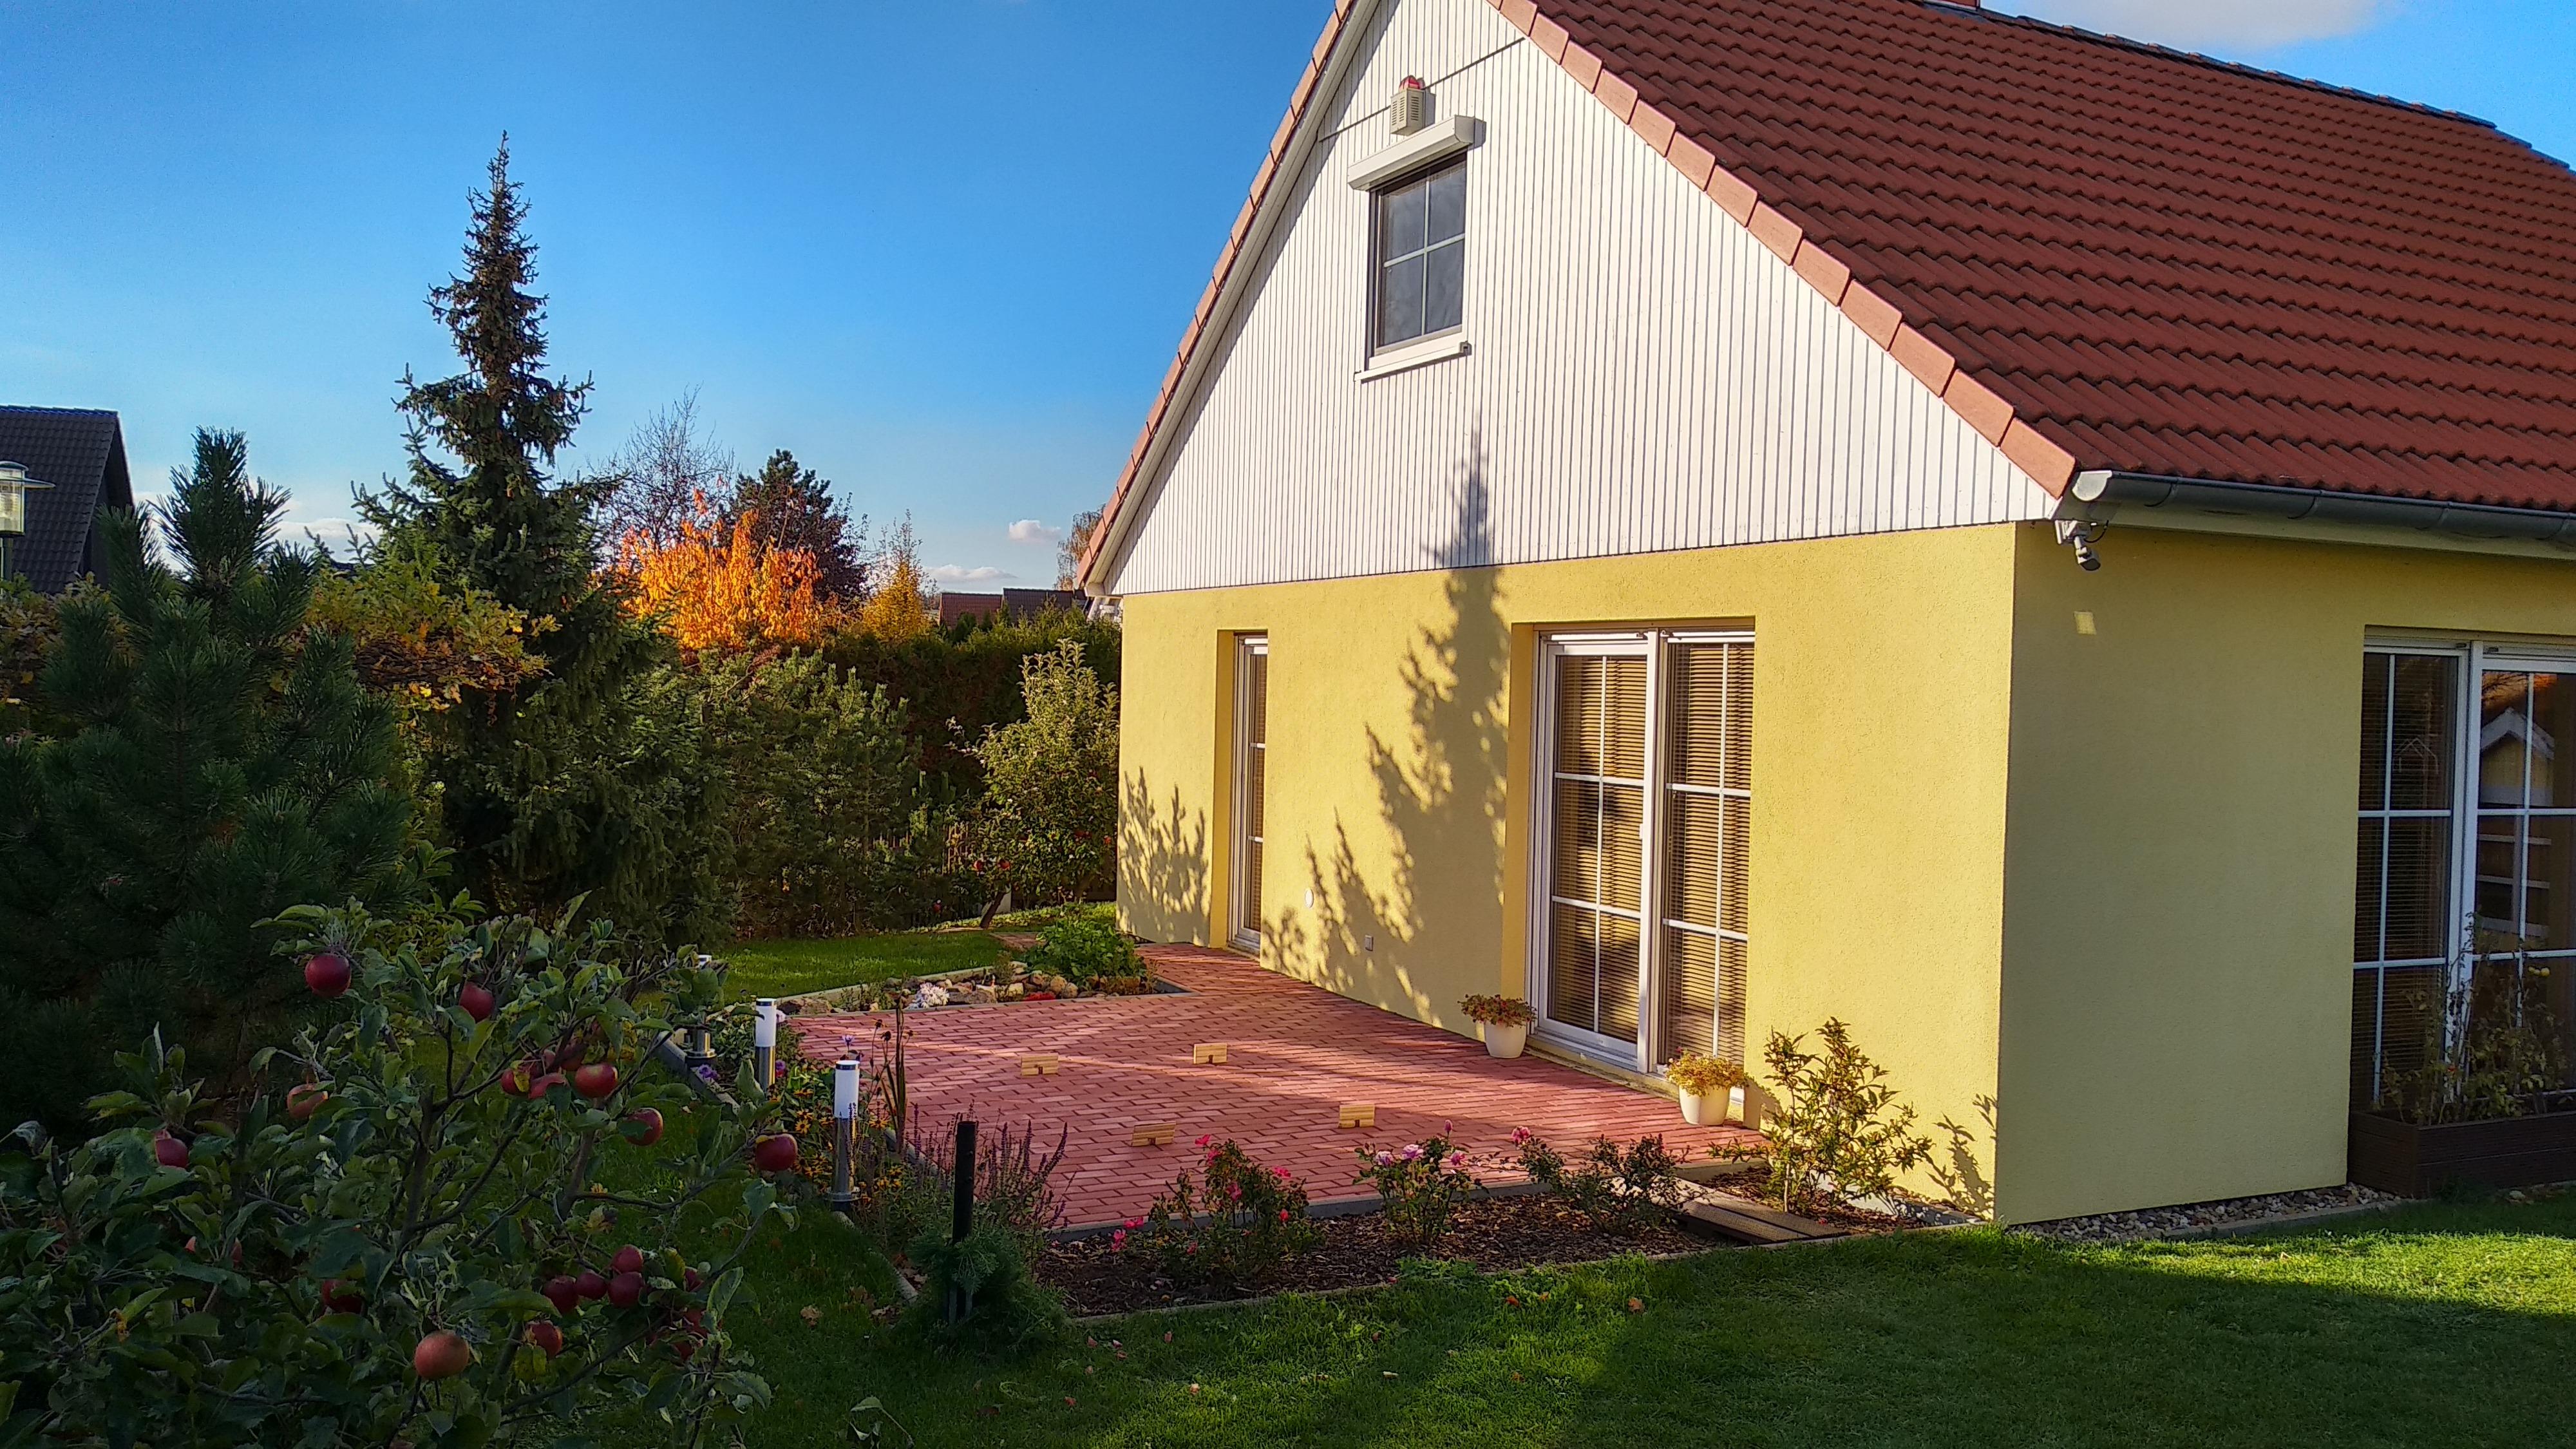 Einfamilienhaus in Sennewitz - Hinteransicht mit Terrasse